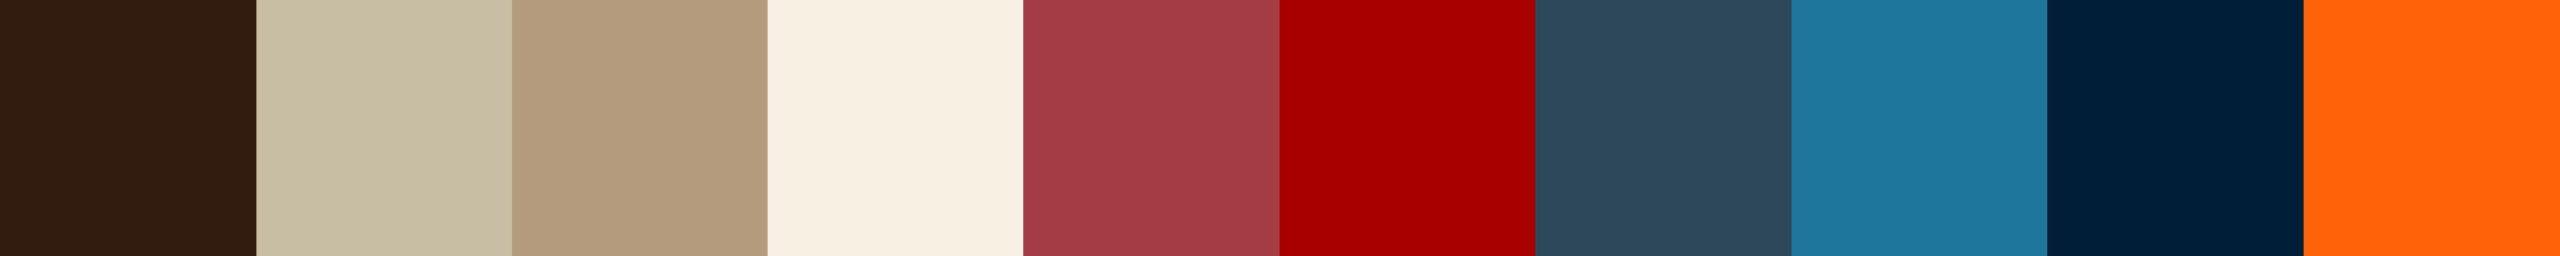 716 Hikra Color Palette